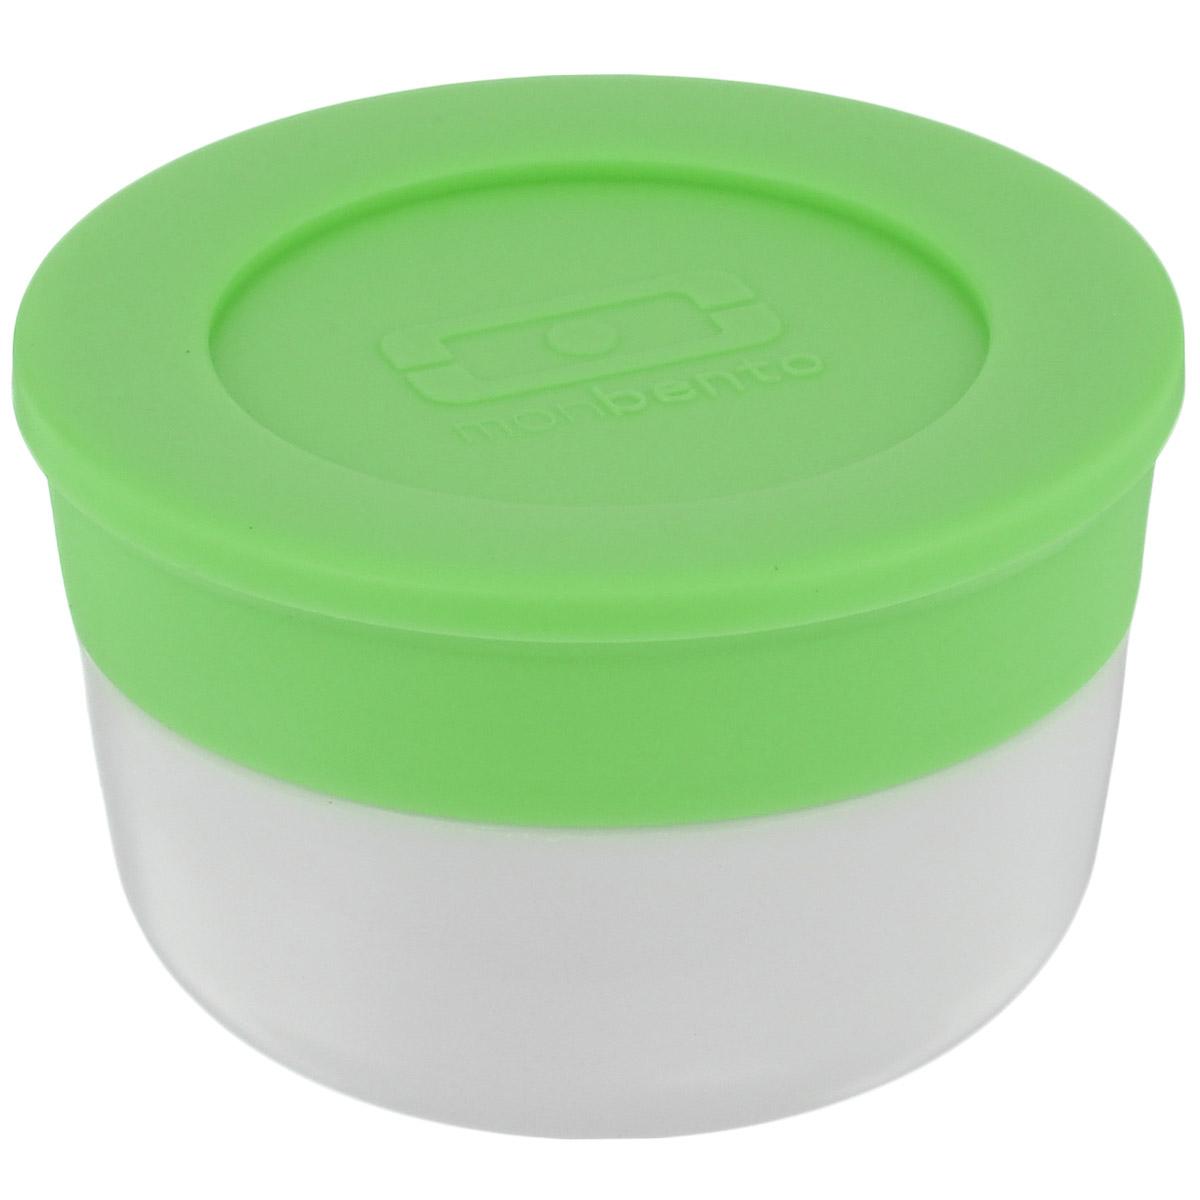 Соусница Monbento Monbento Temple, с крышкой, цвет: белый, зеленый, диаметр 5 см, 28 мл1005 02 005Соусница с крышкой Monbento MB Temple - удобное дополнение к ланч-боксу, которое позволит заправить соусом салат или гарнир прямо перед едой. Соусница изготовлена из полипропилена и имеет герметичную плотно закручивающуюся силиконовую крышечку. Идеально помещается в ланч-бокс от Monbento, занимая минимум места.Можно мыть в посудомоечной машине, а также хранить в морозильной камере.Диаметр соусницы: 5 см.Объем соусницы: 28 мл.Высота соусницы (с учетом крышки): 3,2 см.Диаметр по верхнему краю: 4,2 см.